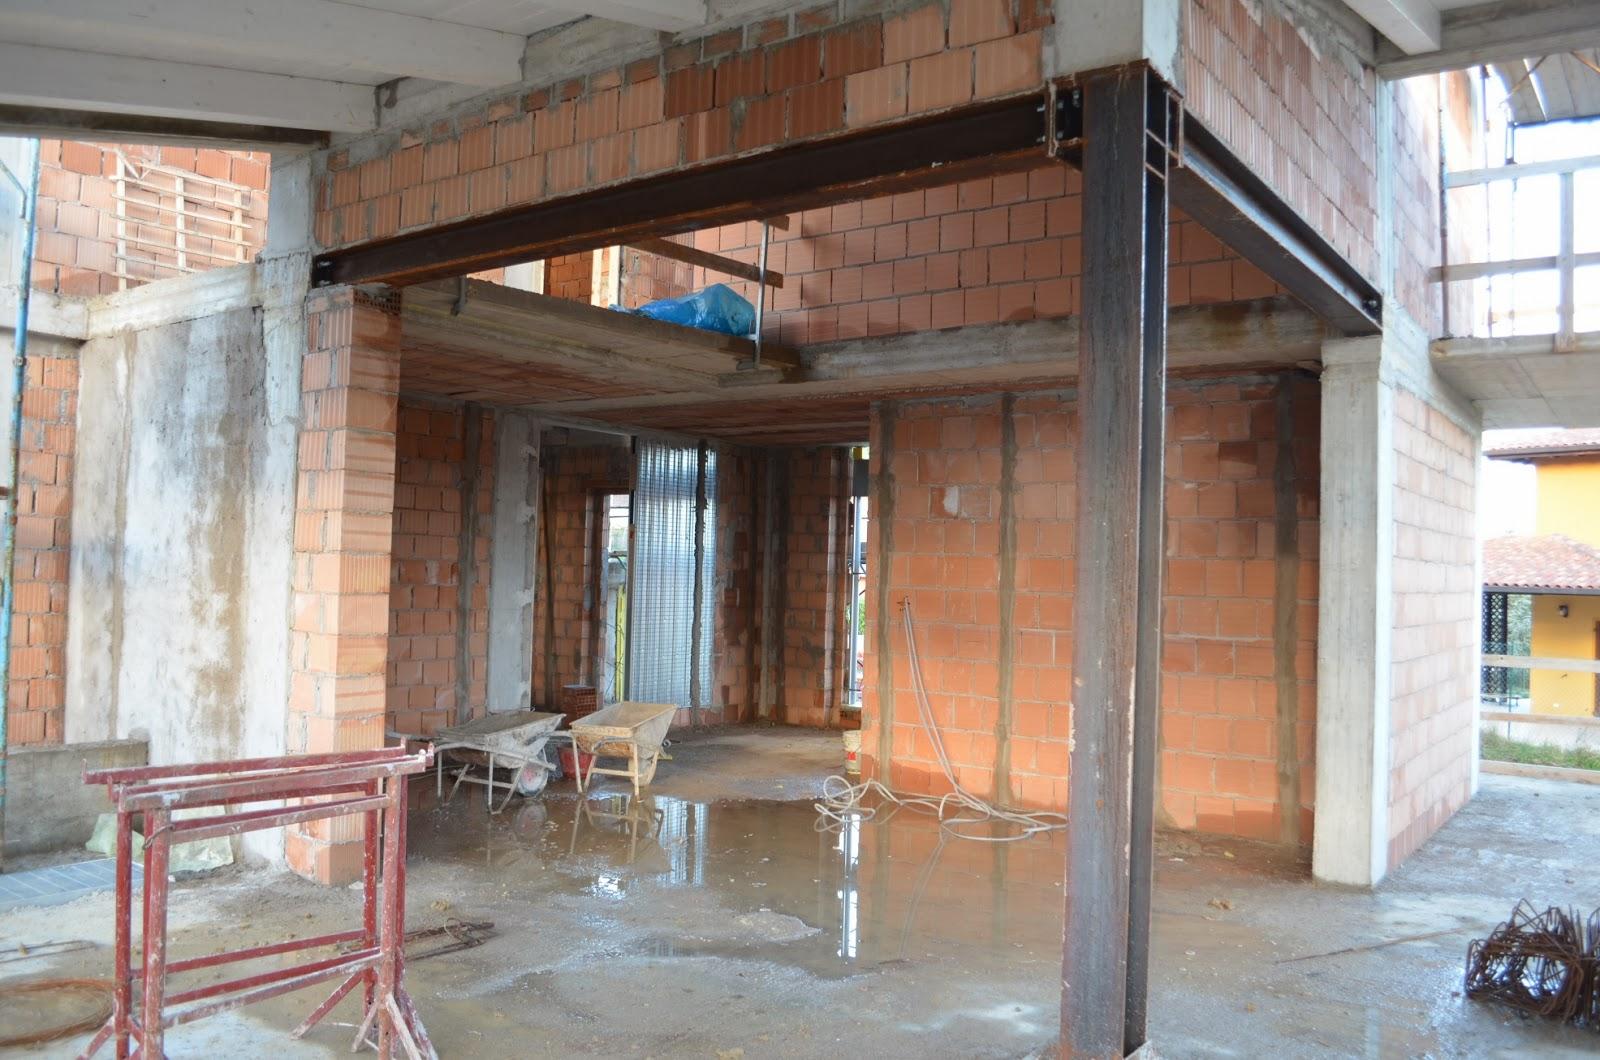 Porta Finestra Ingresso Casa casa delle ginestre: muri divisori e controtelai di porte e